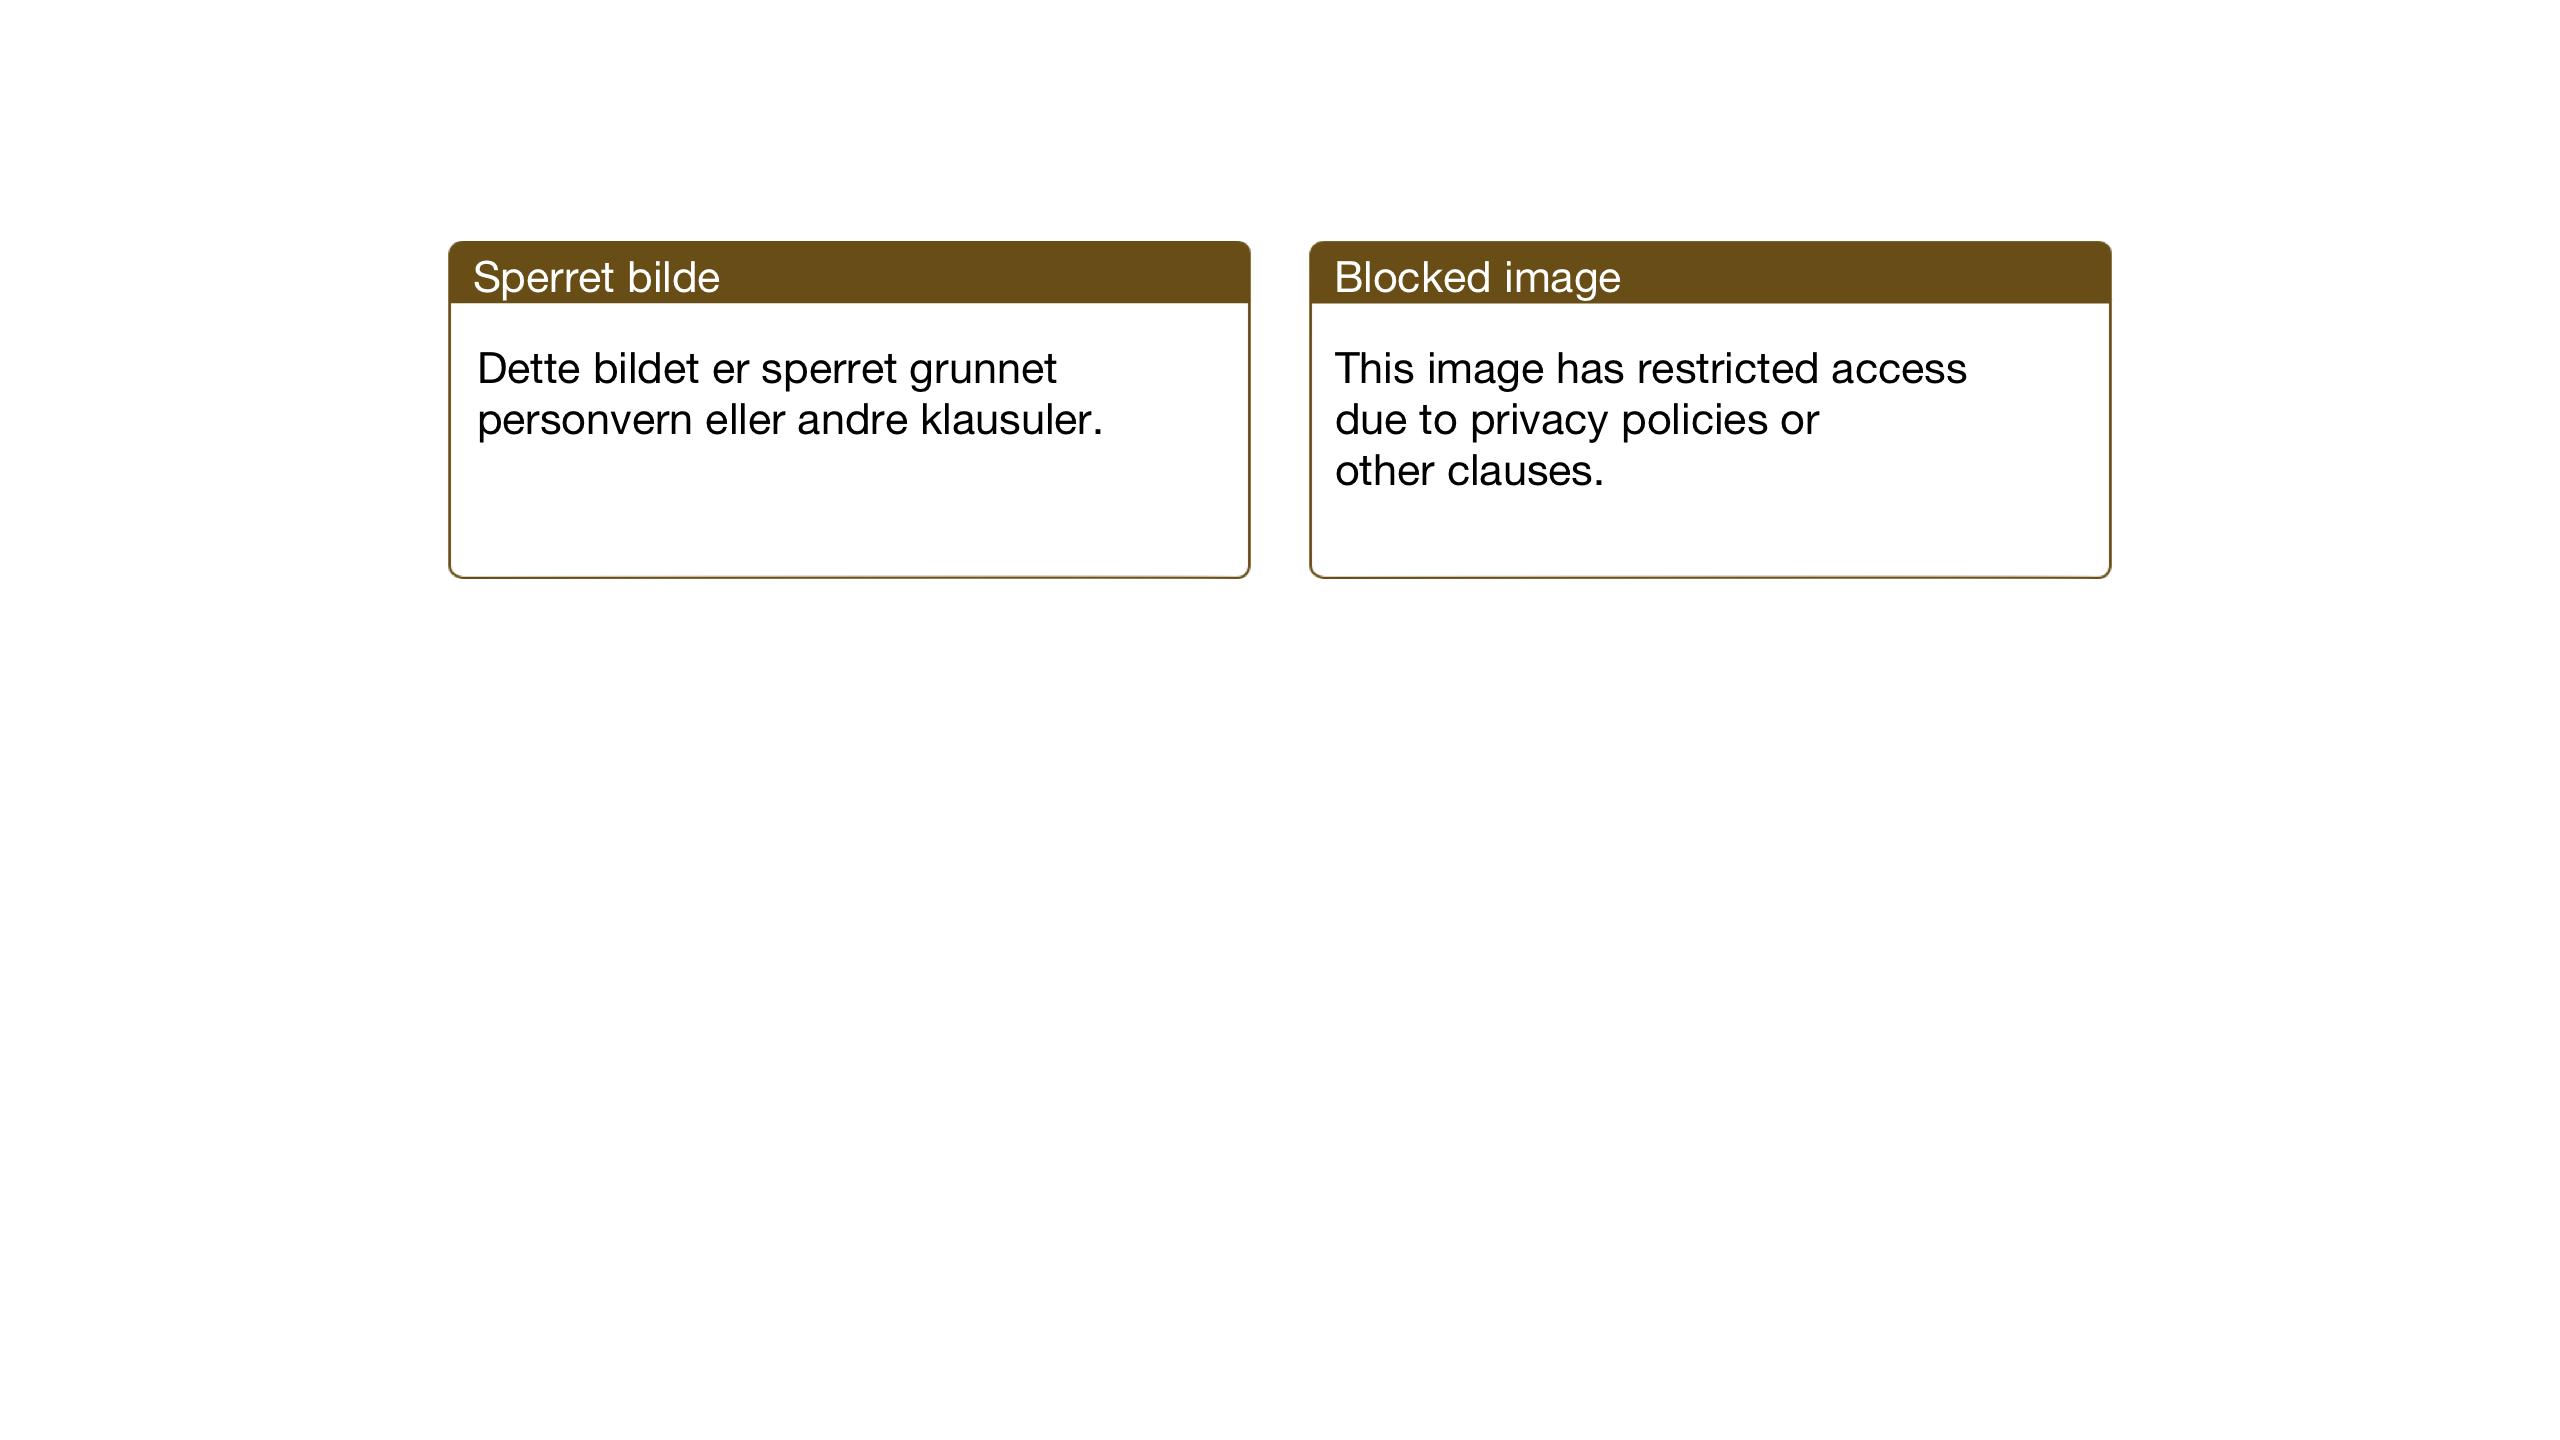 SAT, Ministerialprotokoller, klokkerbøker og fødselsregistre - Nord-Trøndelag, 714/L0136: Klokkerbok nr. 714C05, 1918-1957, s. 25